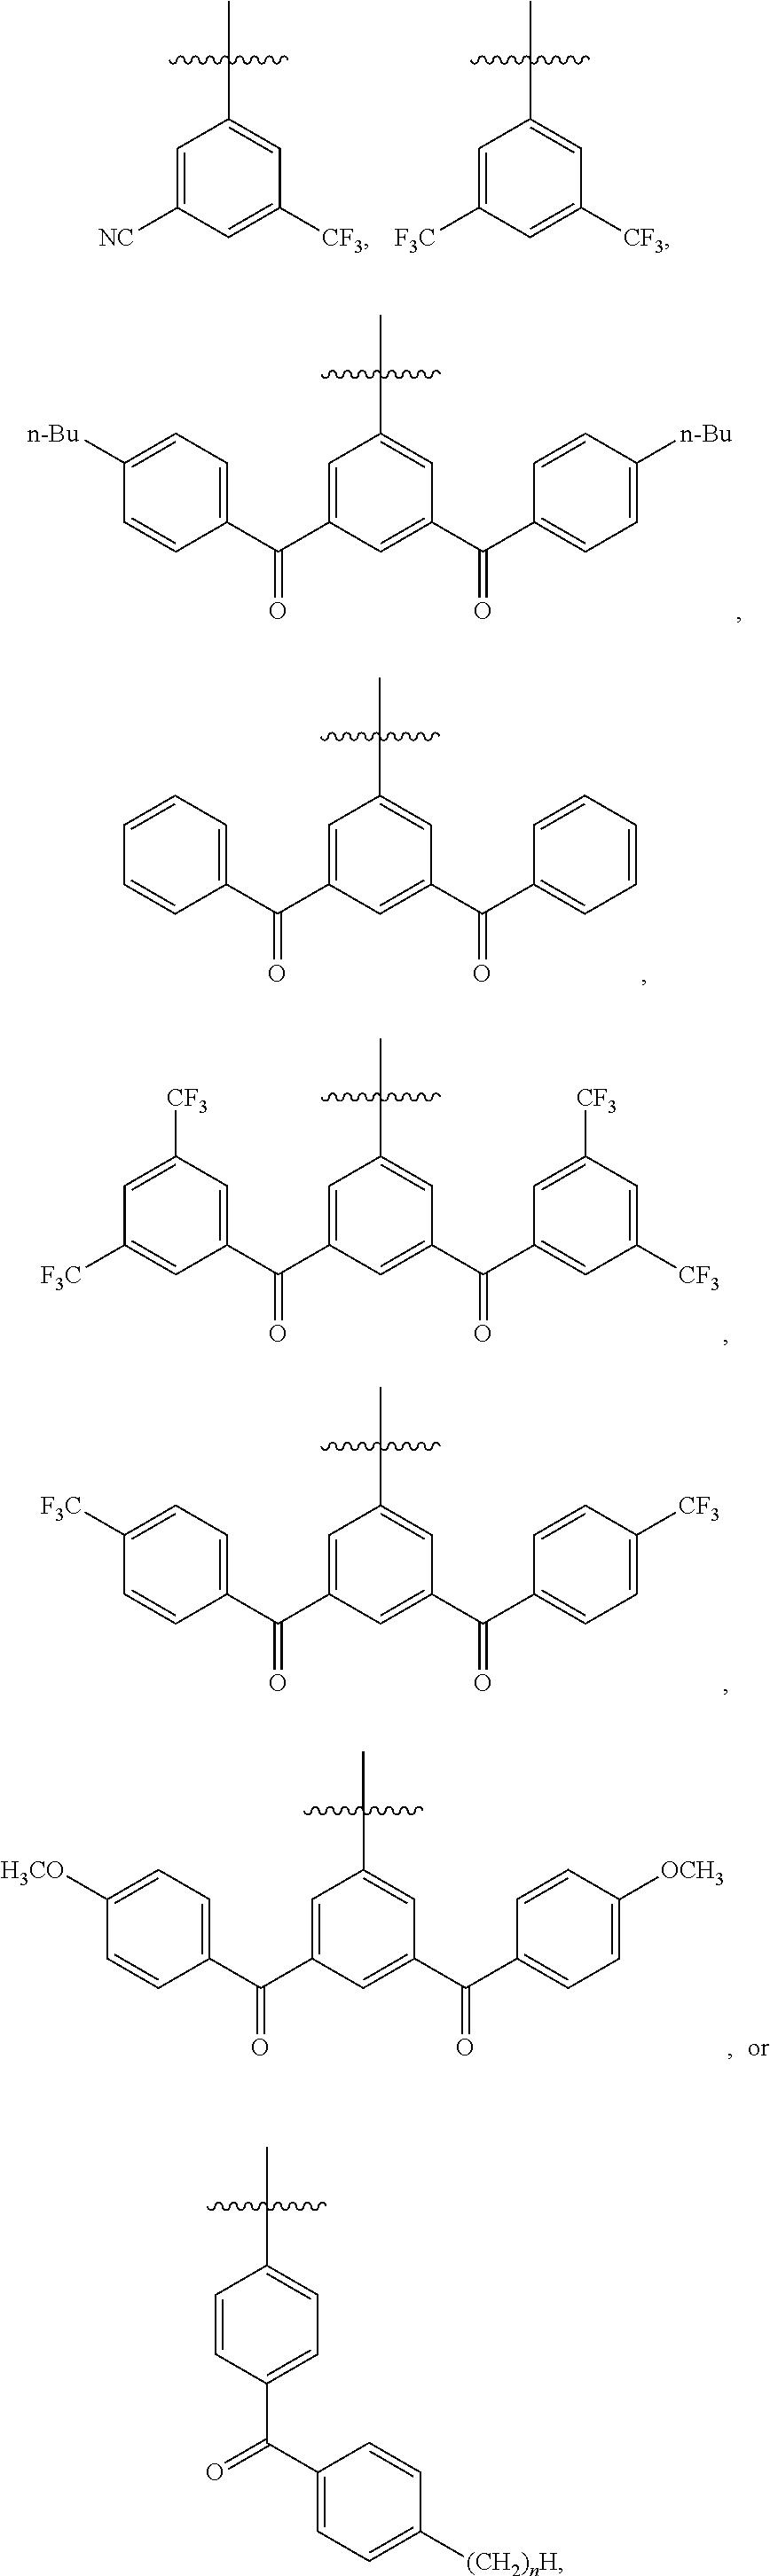 Figure US09595682-20170314-C00009